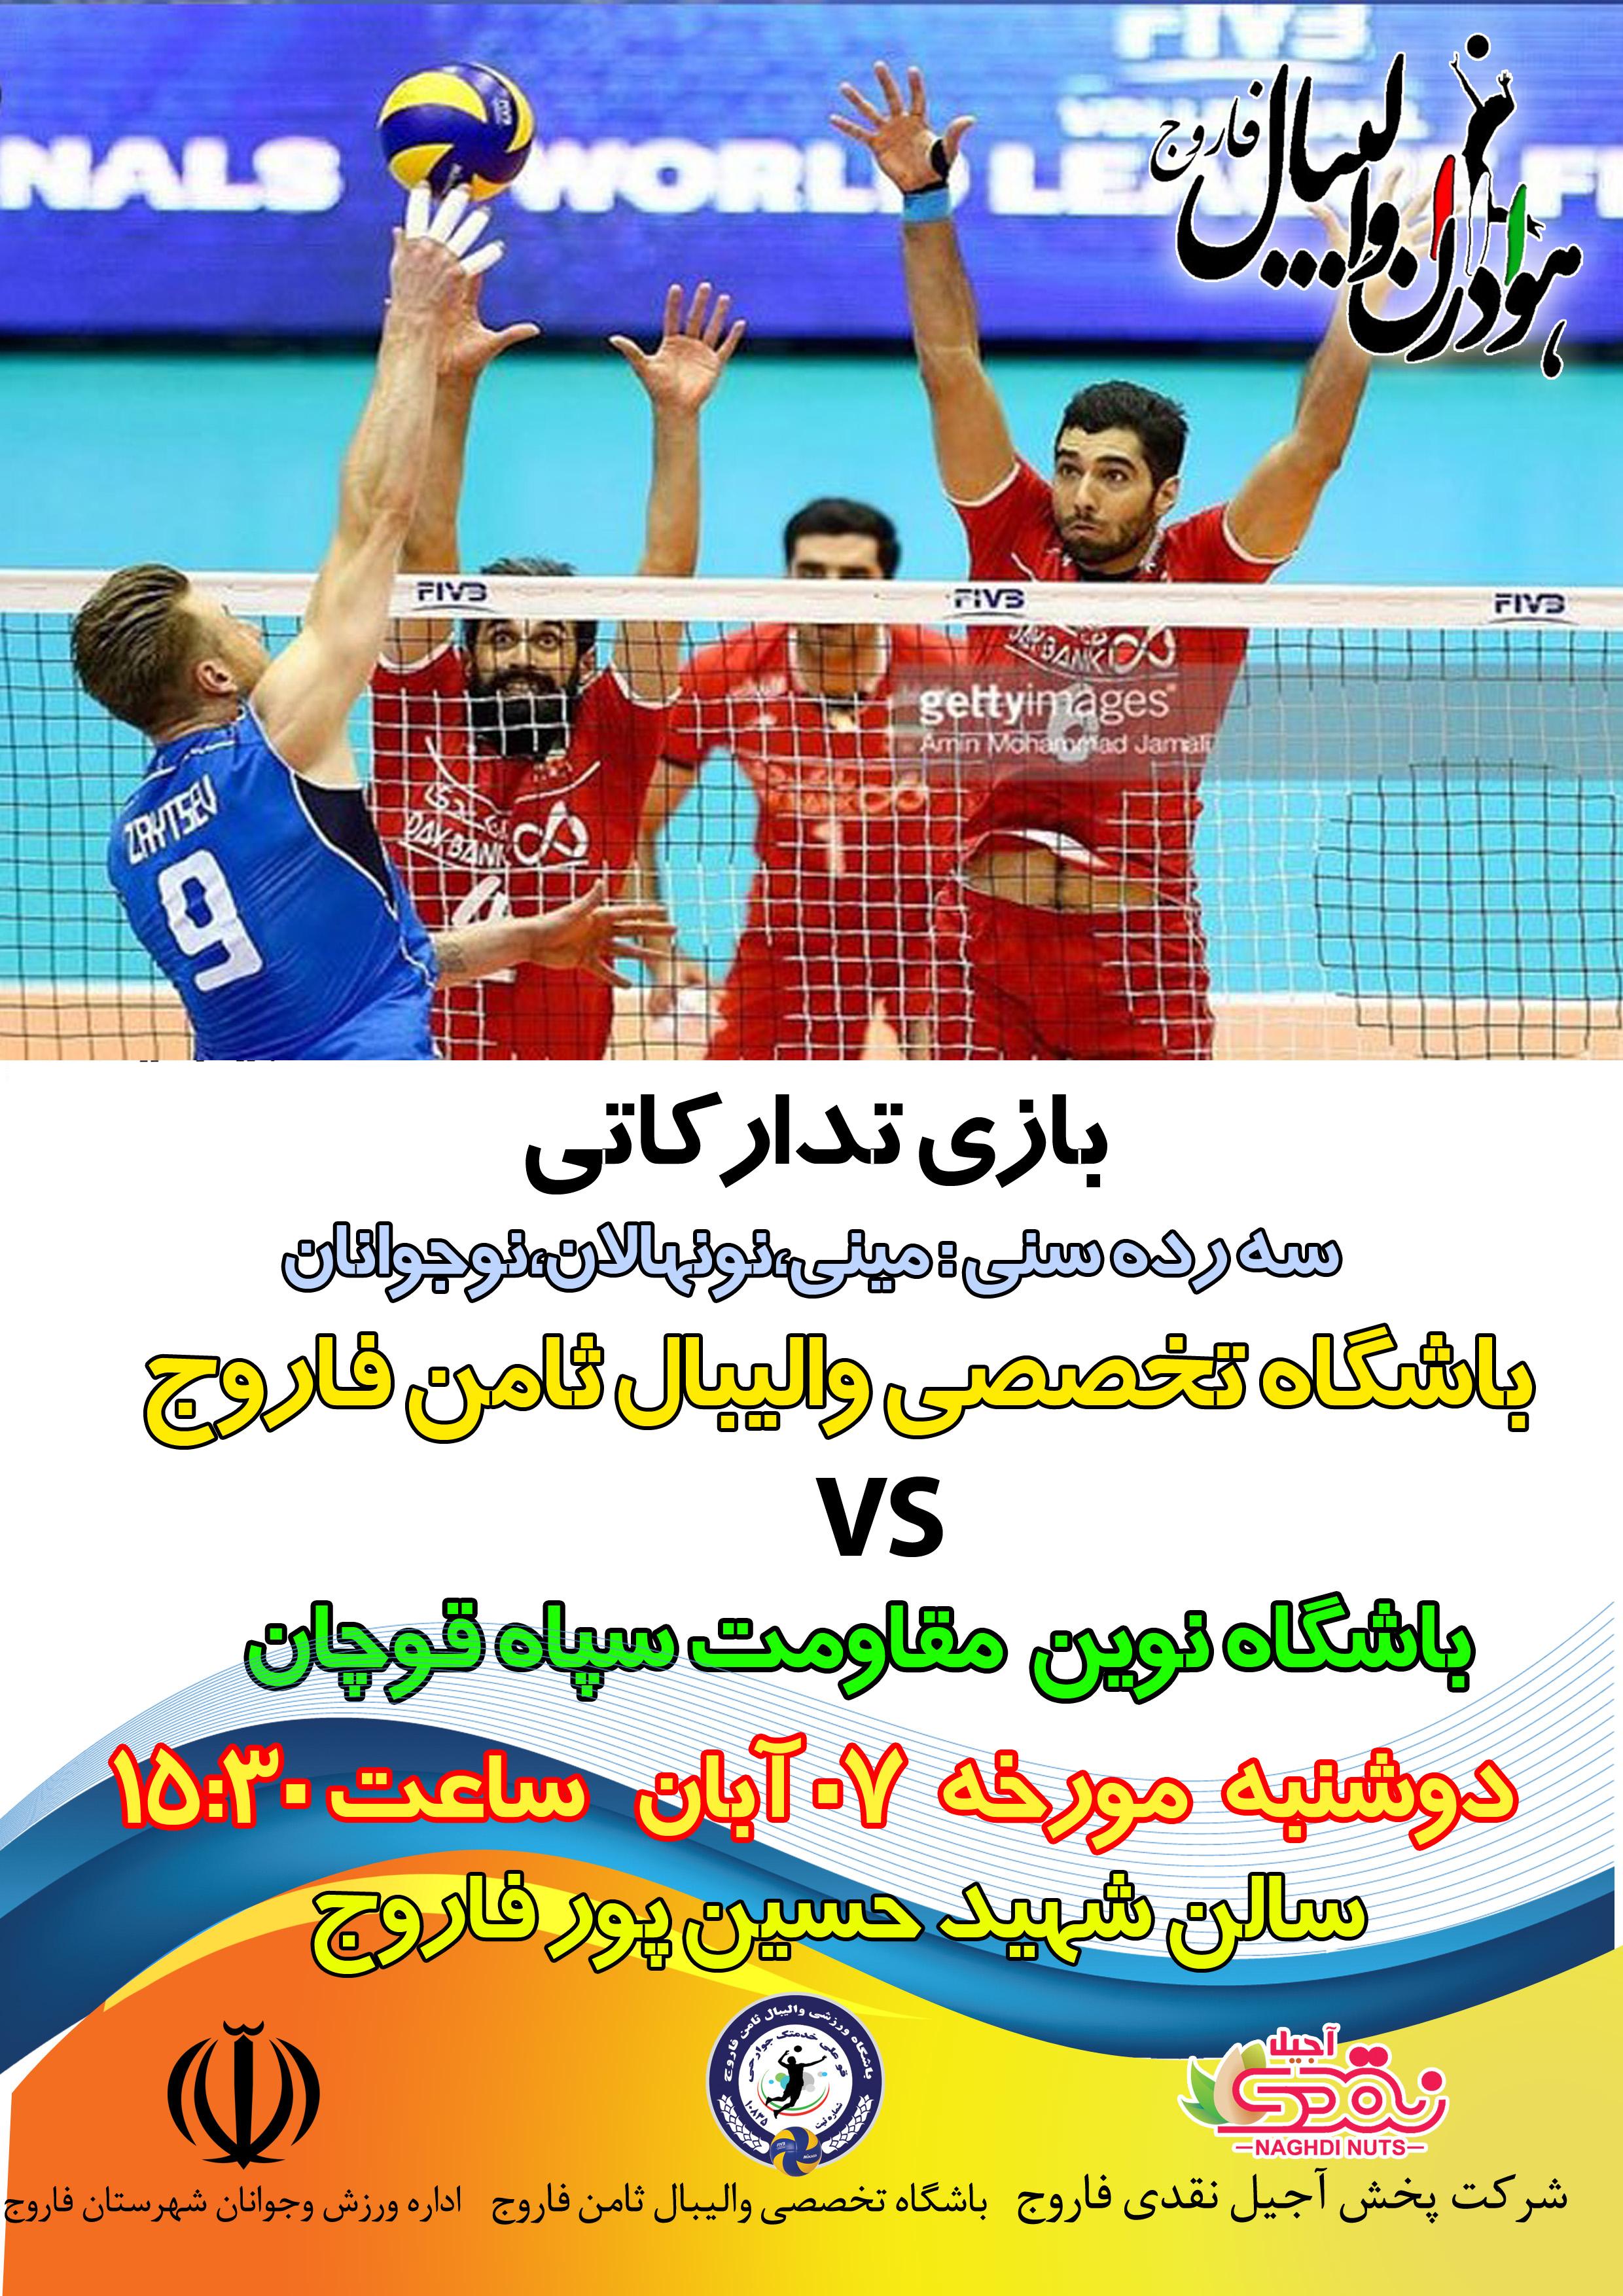 بازی تدارکاتی اقایان باشگاه تخصصی والیبال ثامن فاروج VS باشگاه نوین مقاومت سپاه قوچان